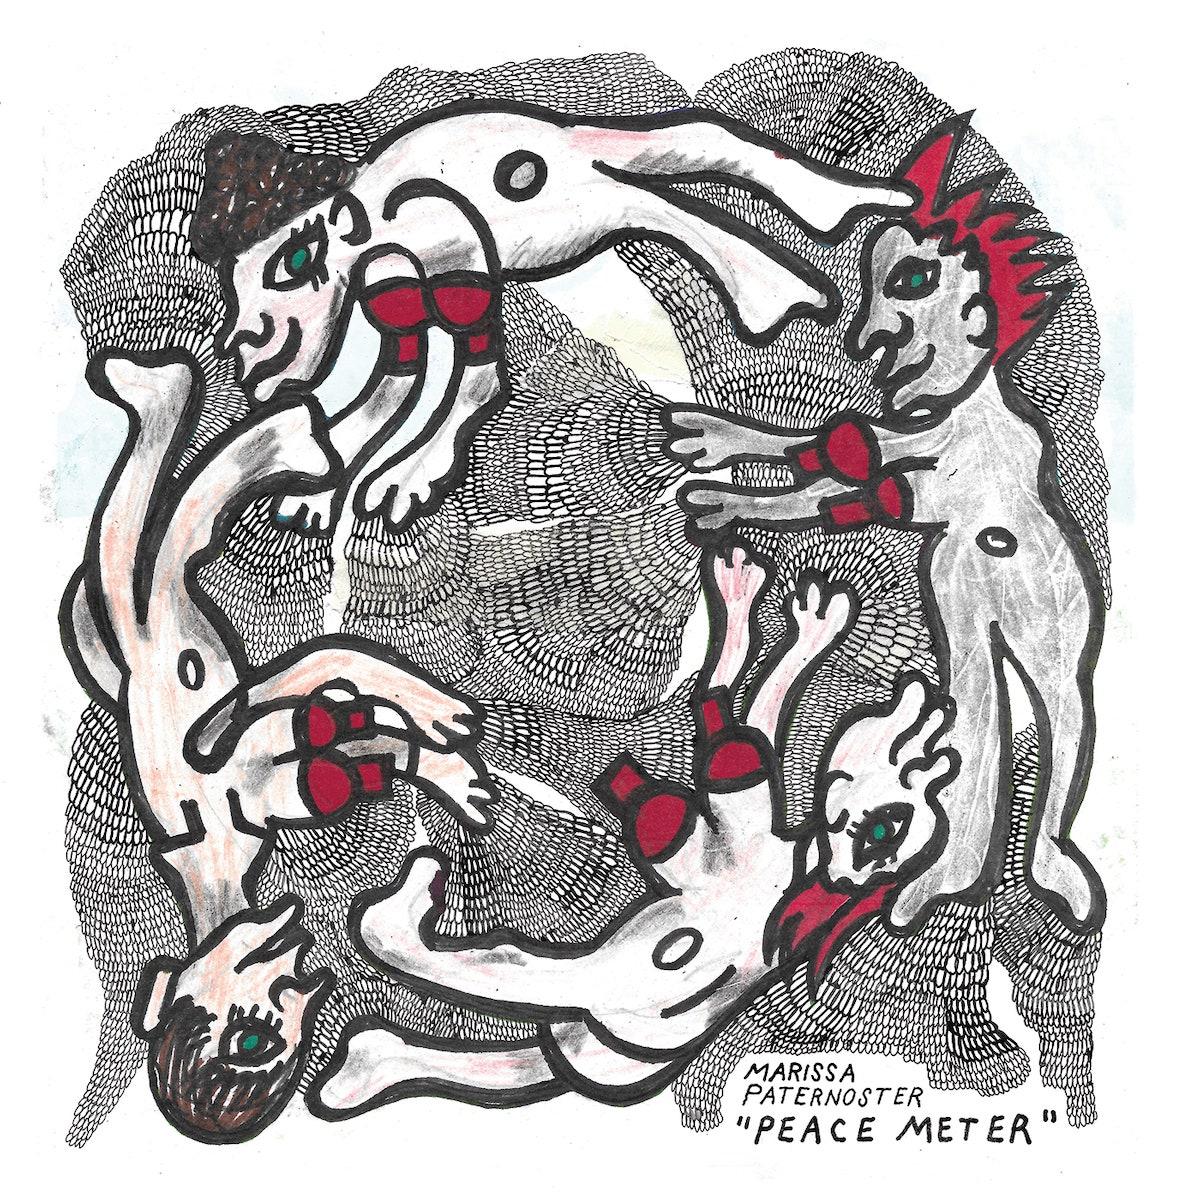 Marissa Paternoster: Peace Meter